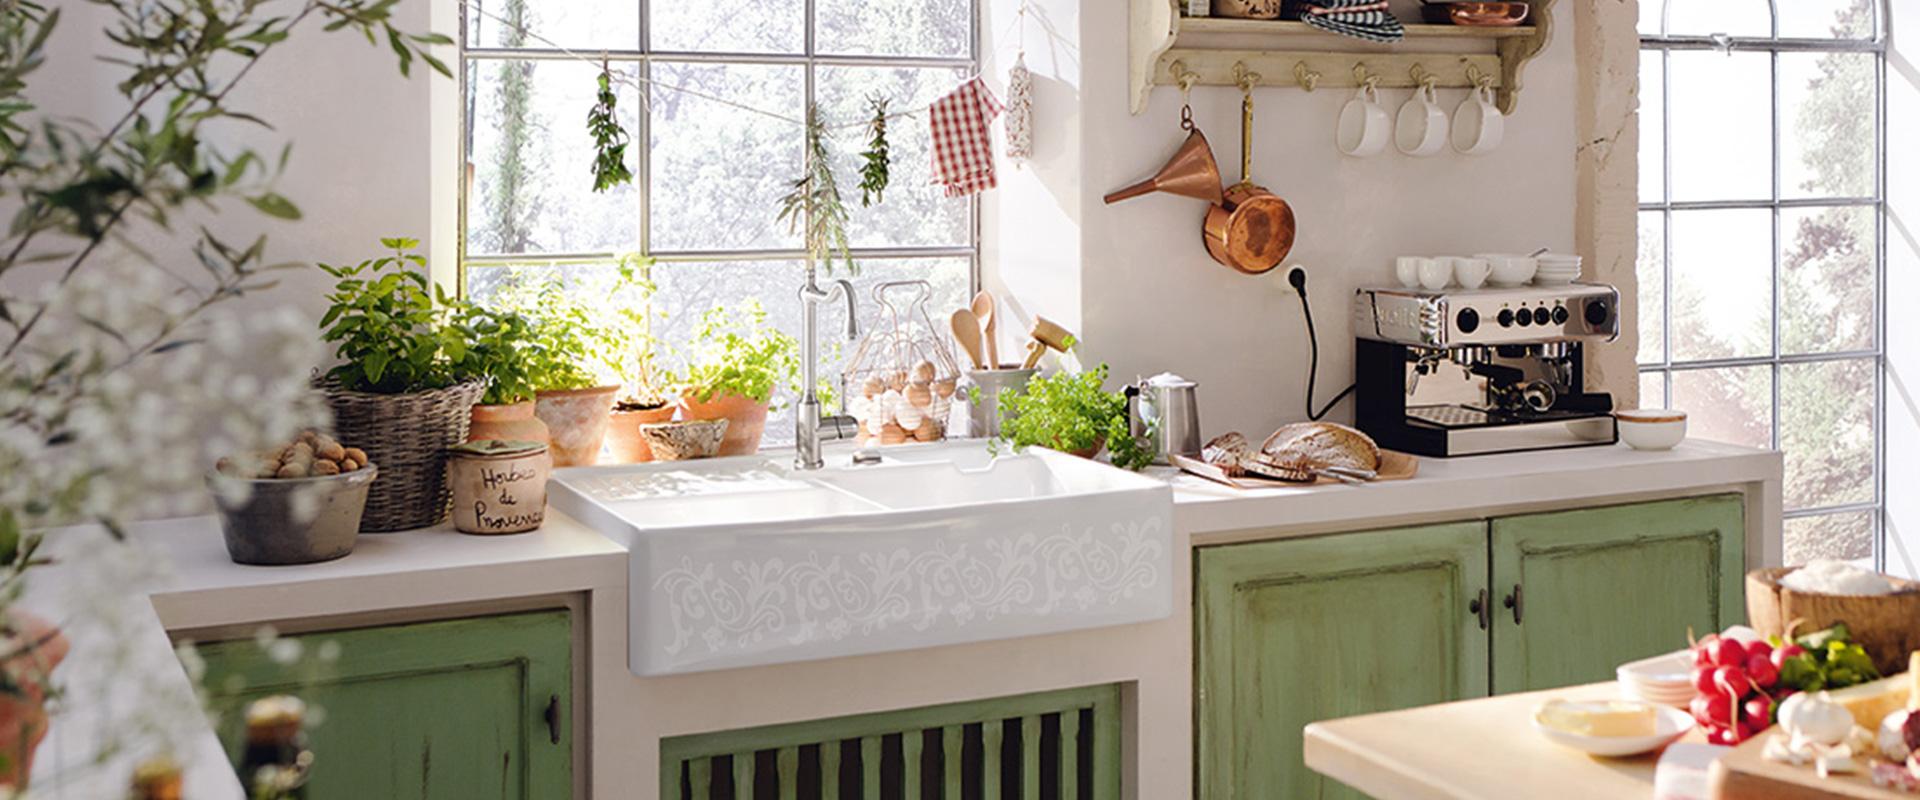 Stunning Lavelli Per Cucina In Ceramica Photos - Home Ideas - tyger.us